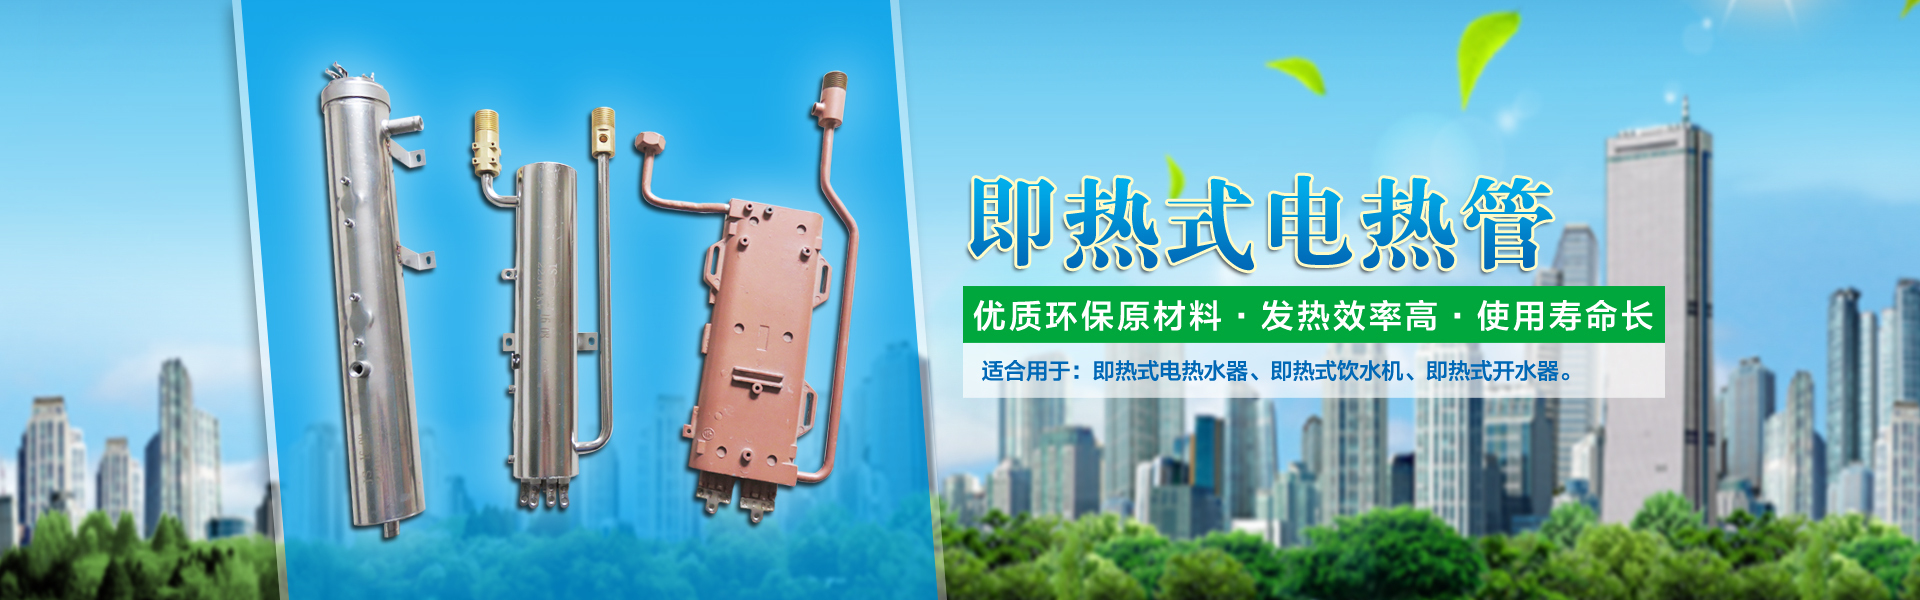 肇庆市高要金顺电器有限公司的产品采用800、316、304不锈钢、铜、铝、铁等优良各厂商材料。产品符合JB/T4088-2012日用管状电热元件部颁标准。